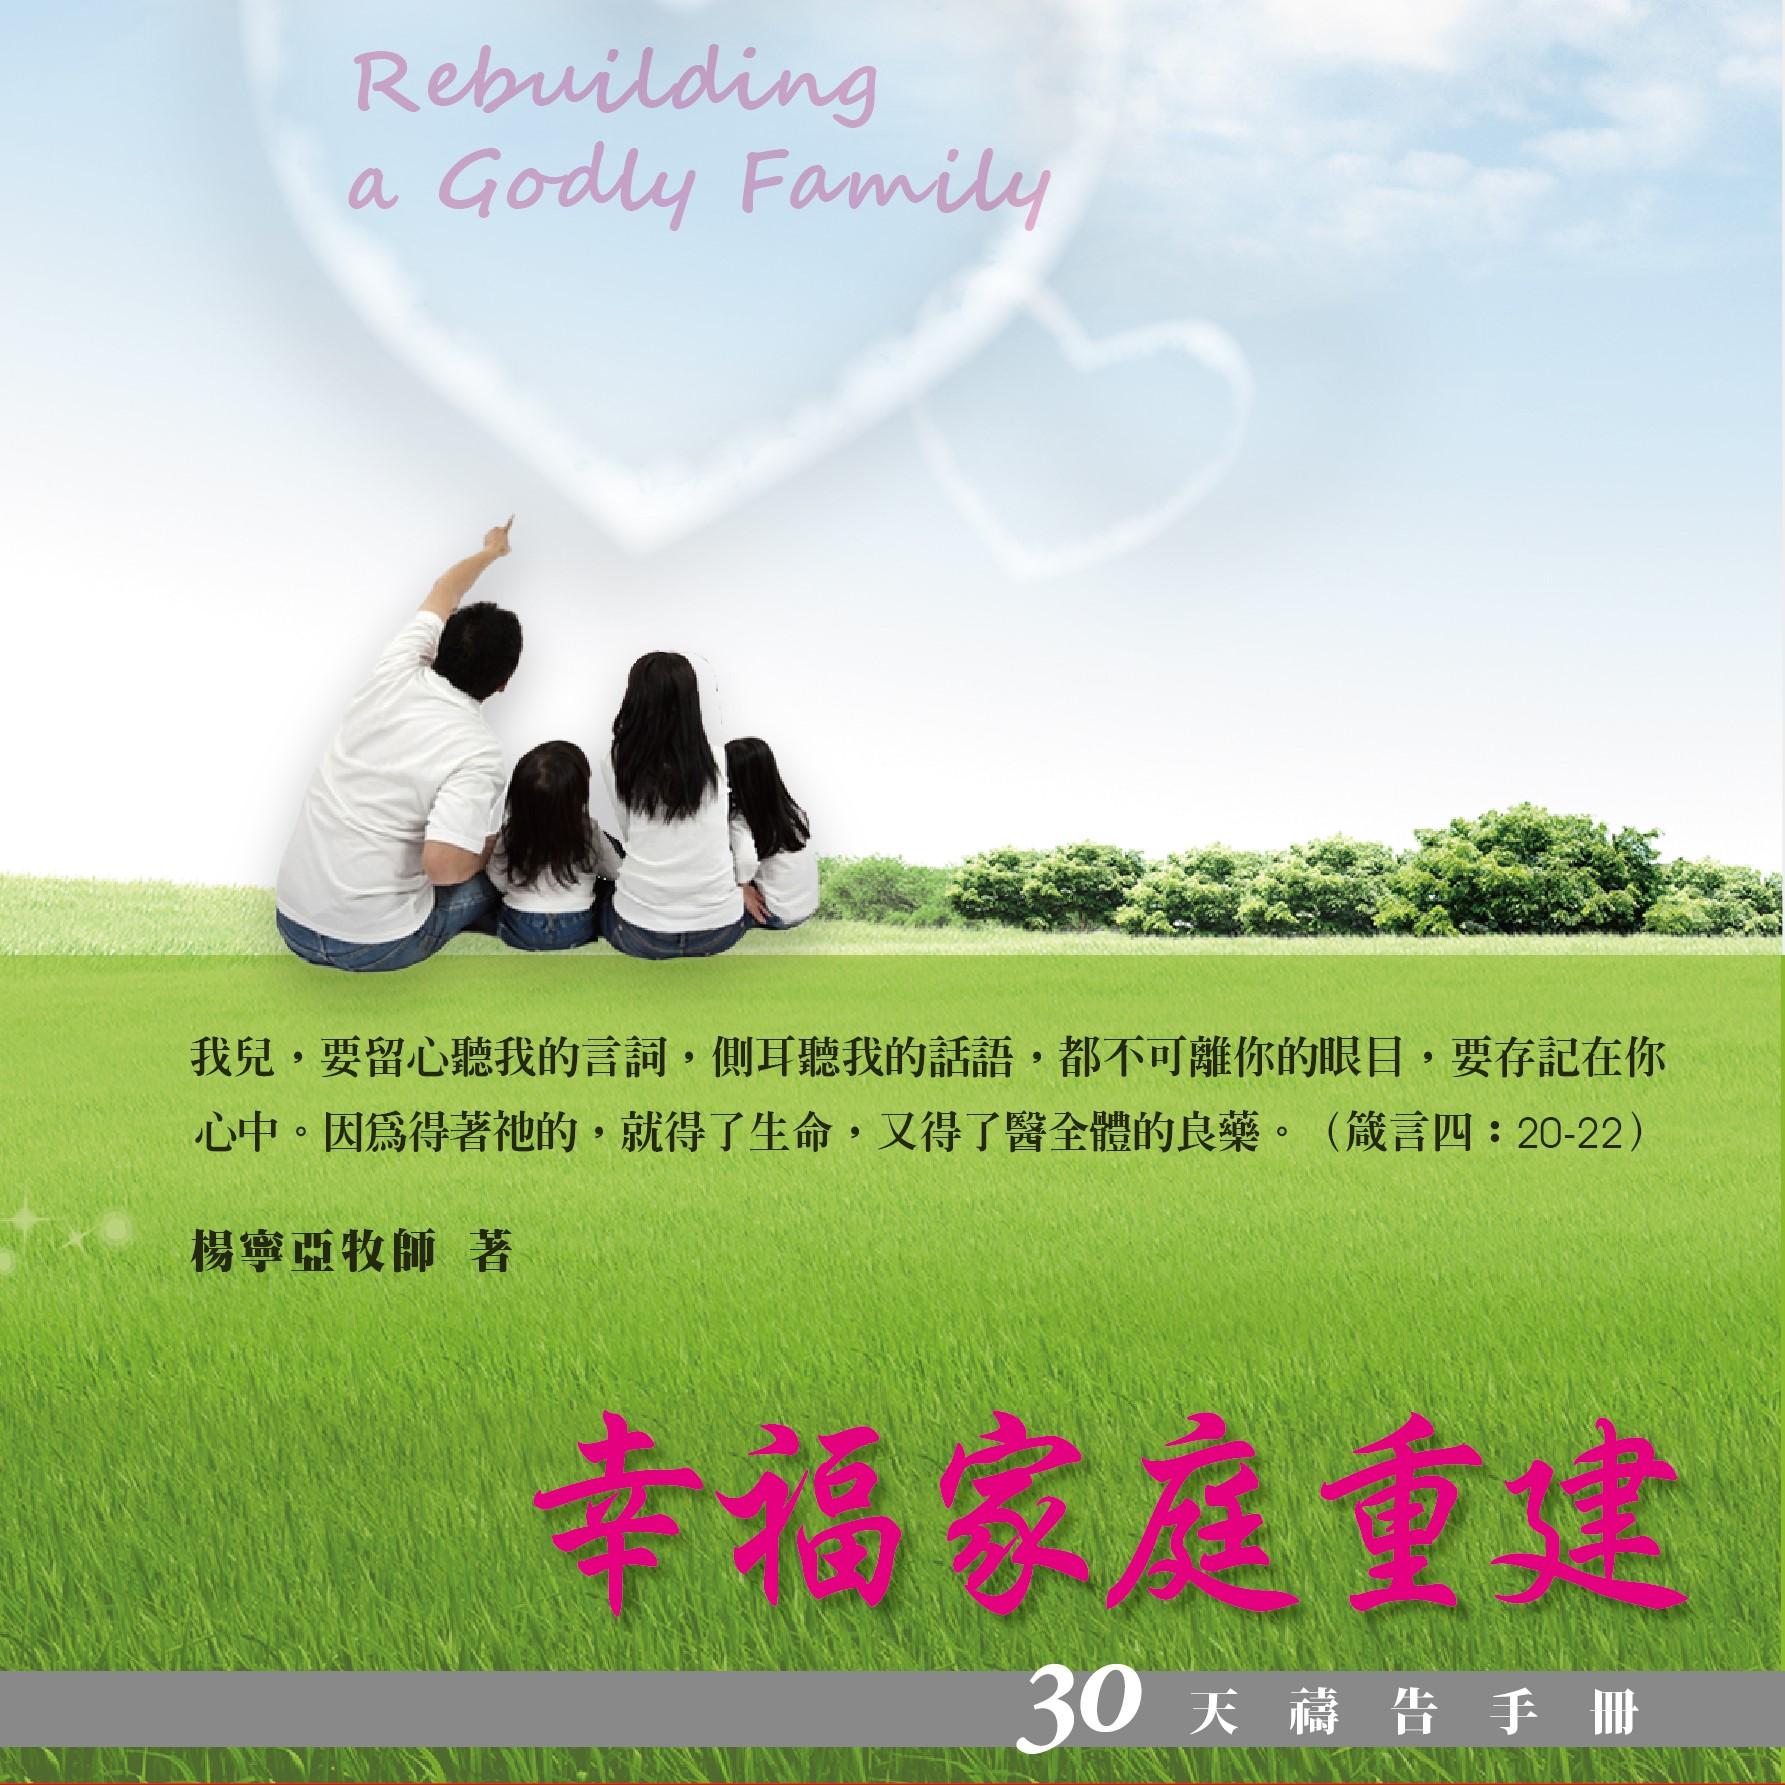 3.幸福家庭重建-第3天-3.Rebuilding a Godly Family-Day3 幸福家庭重建的祕訣